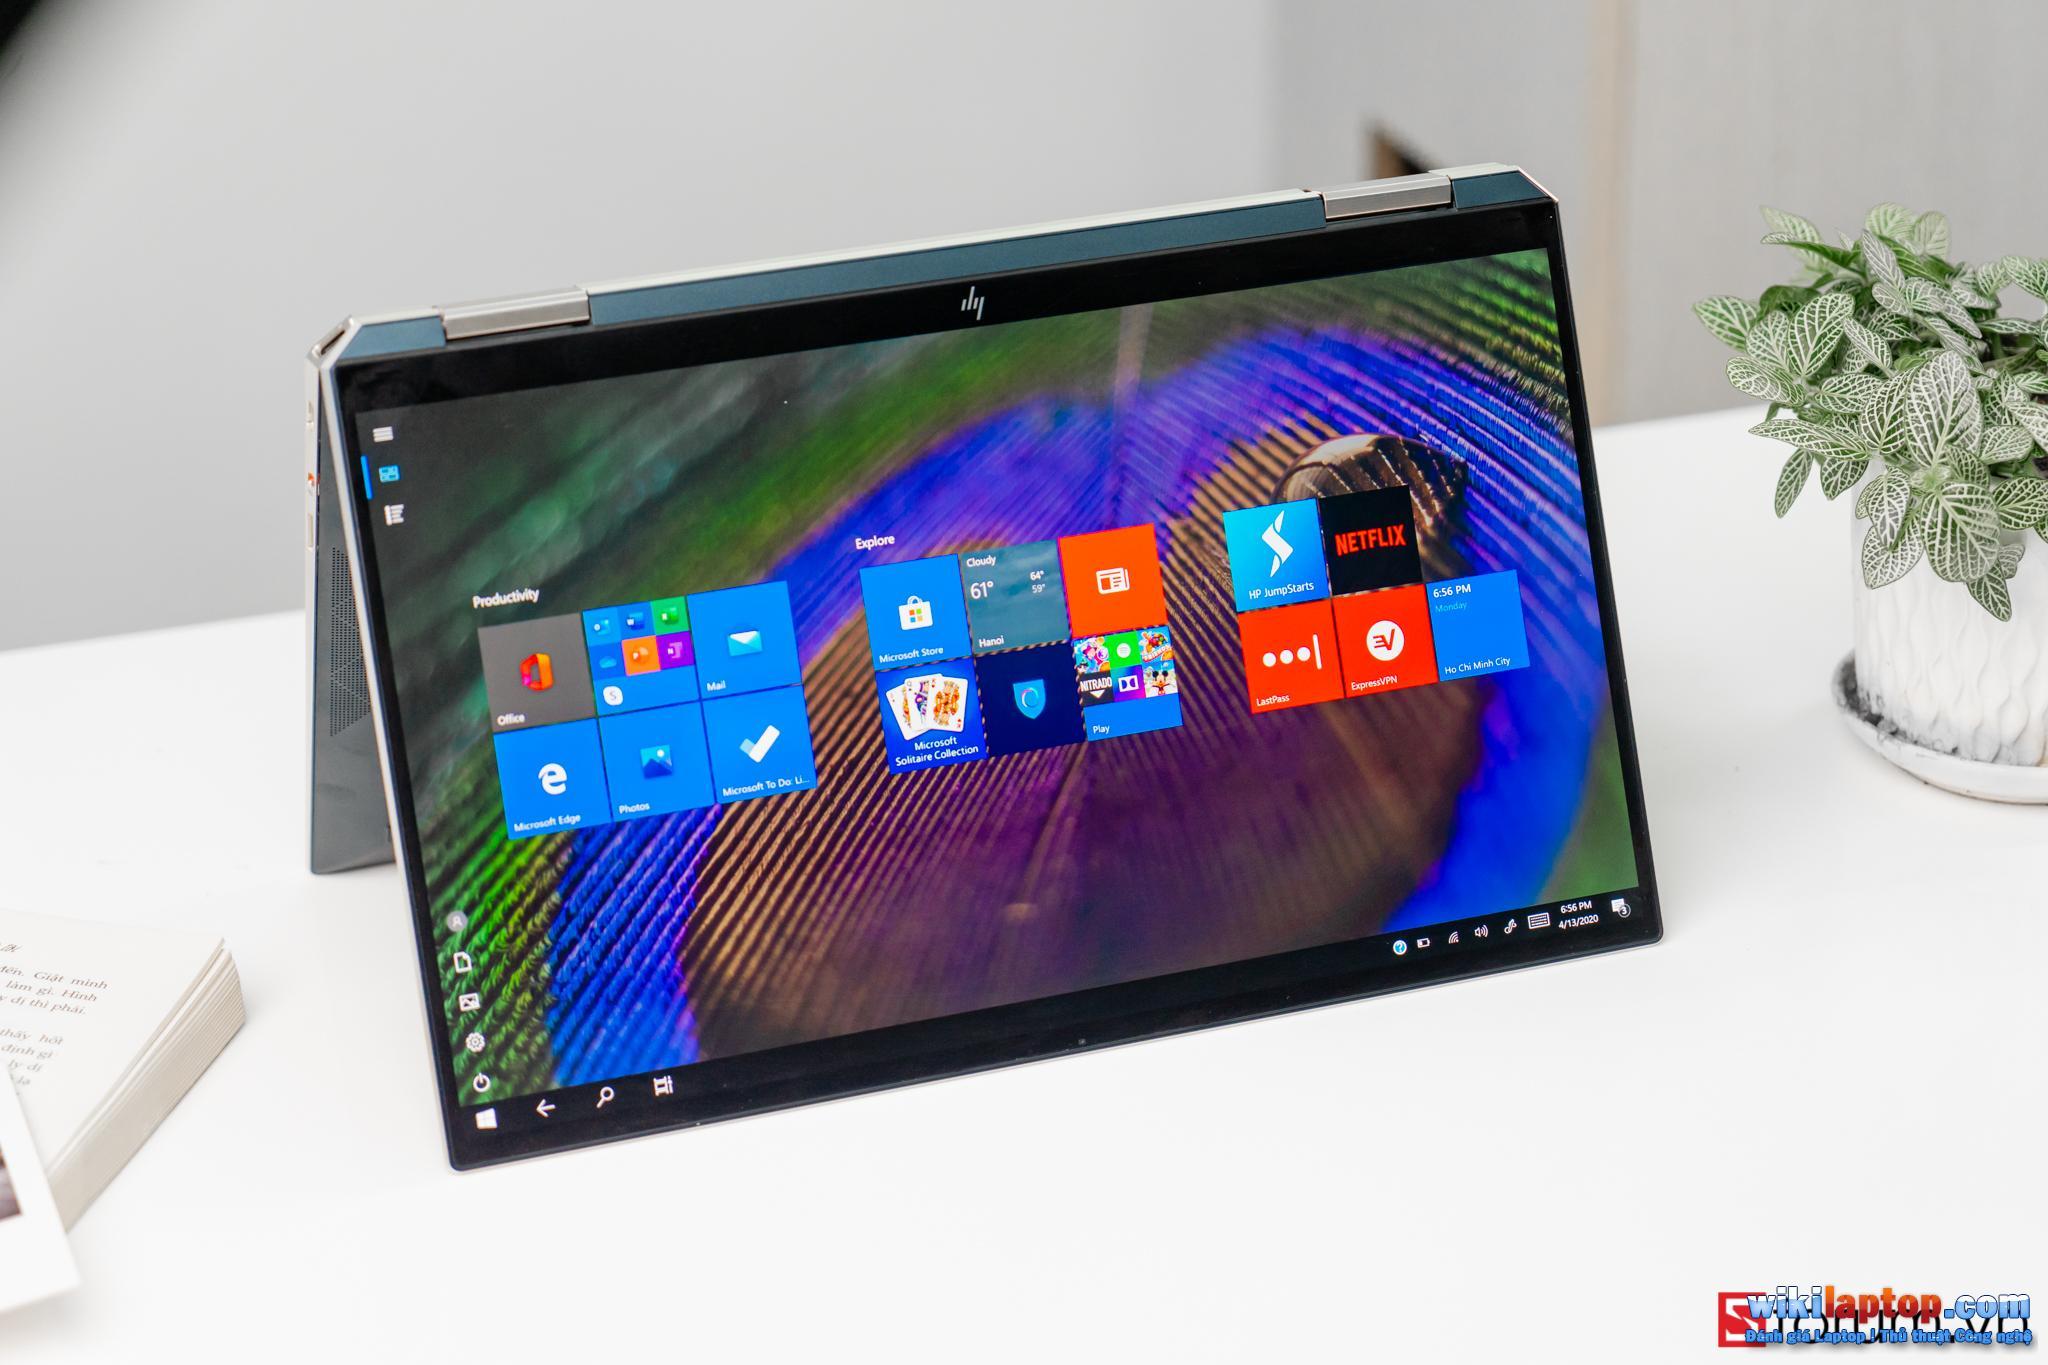 Sforum - Trang thông tin công nghệ mới nhất CPS-HP-Spectre-X360-13-45 Đánh giá chi tiết HP Spectre x360 13: Cái gì bên trong một chiếc Laptop có giá gần 50 triệu HP?